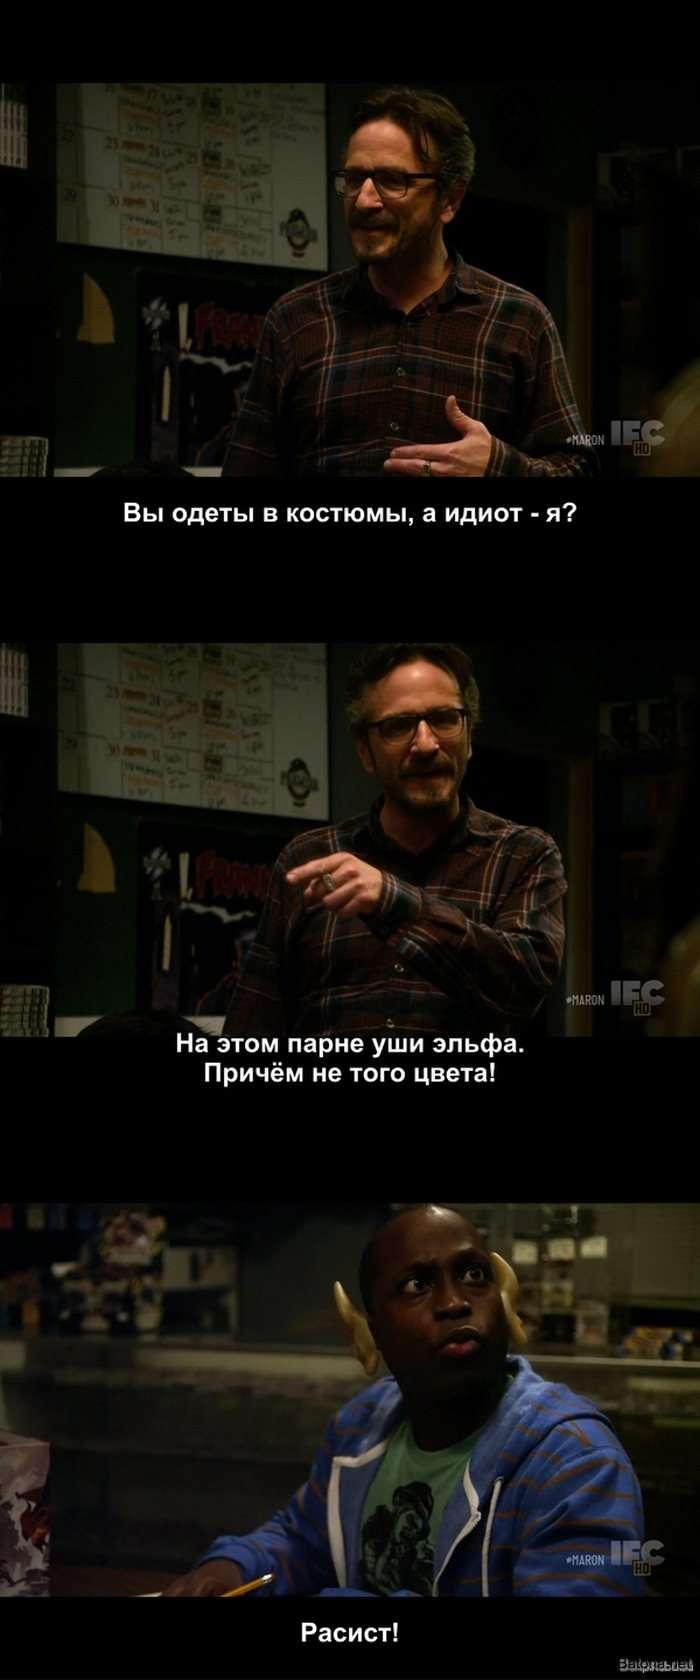 Подборка комиксов и приколов №194 (35 картинок)